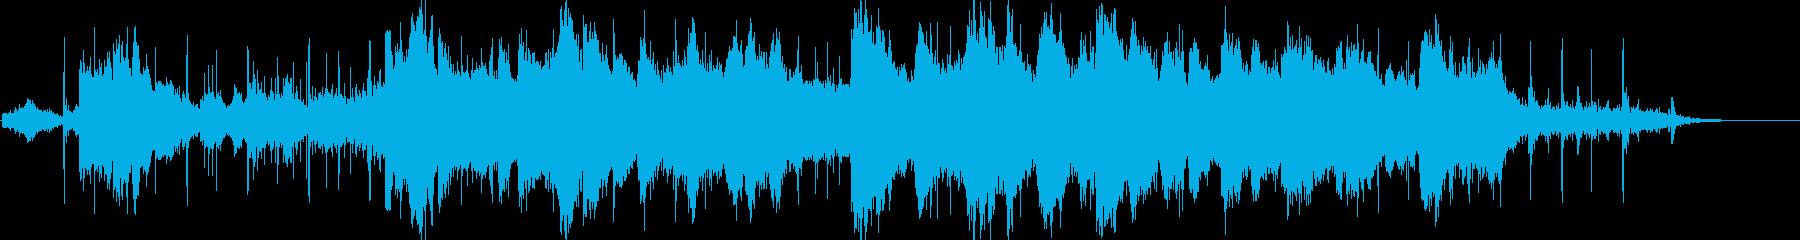 水の印象をイメージ化したヒーリング音楽の再生済みの波形